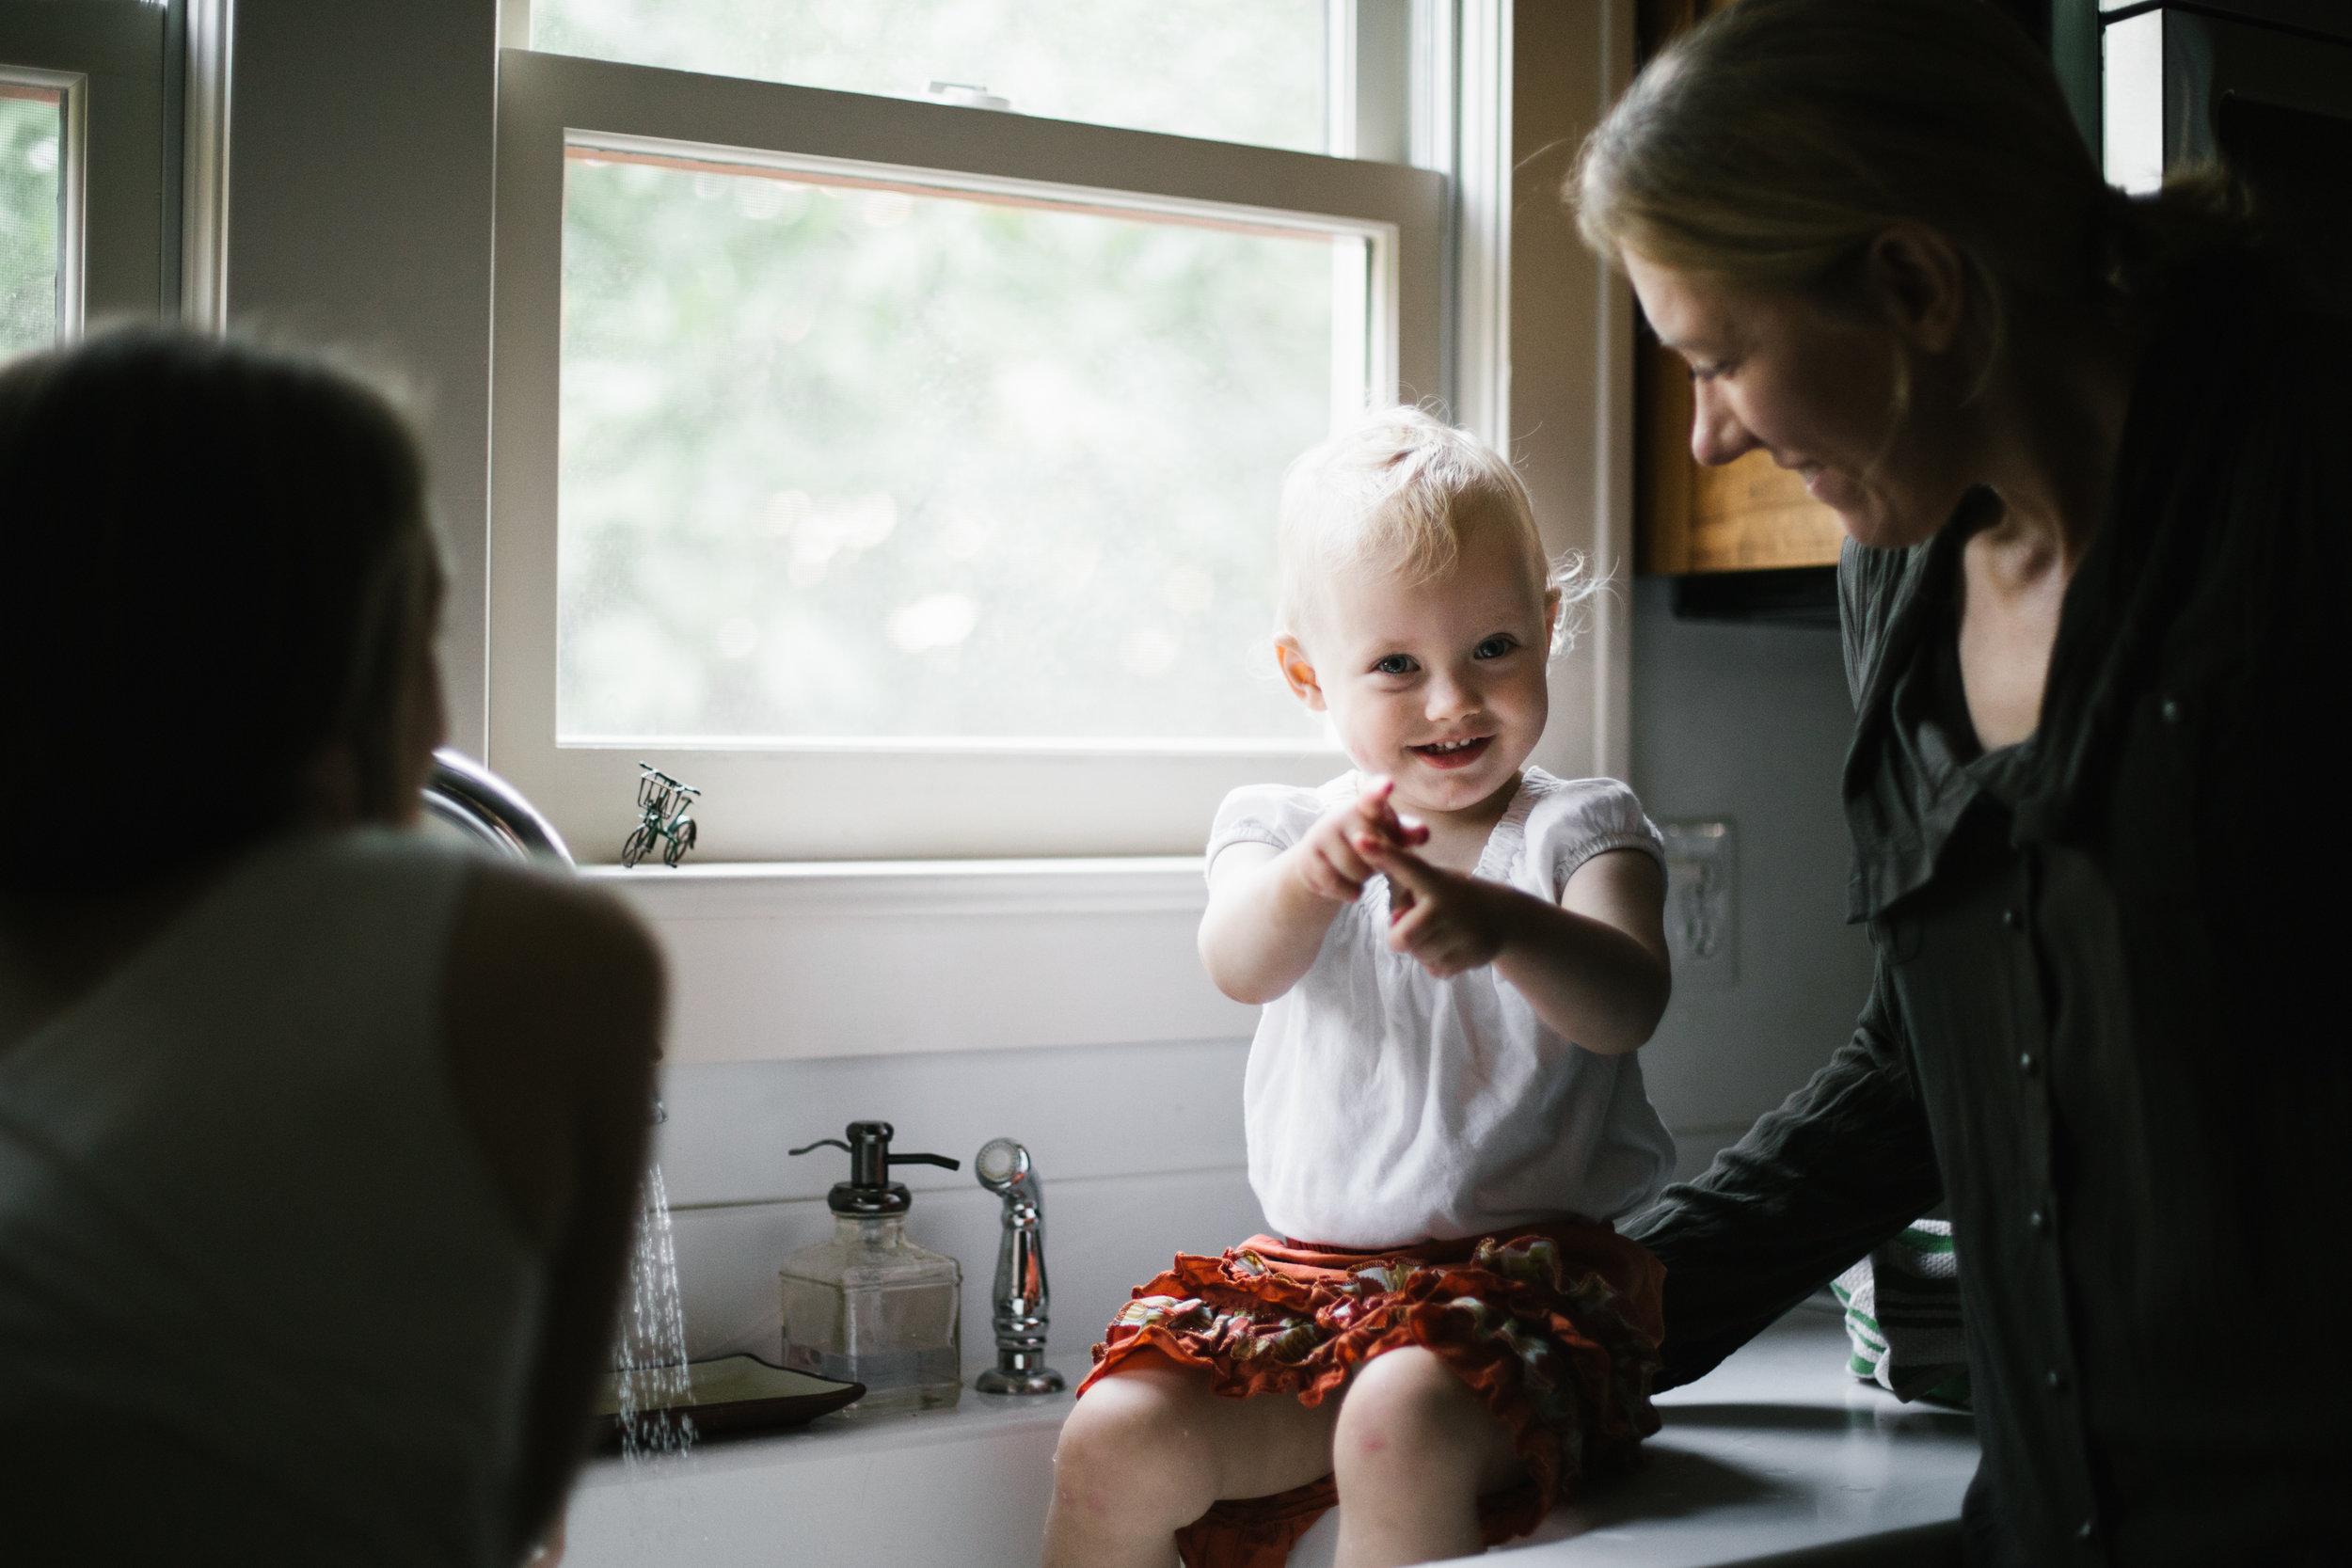 Toddler playing in sink